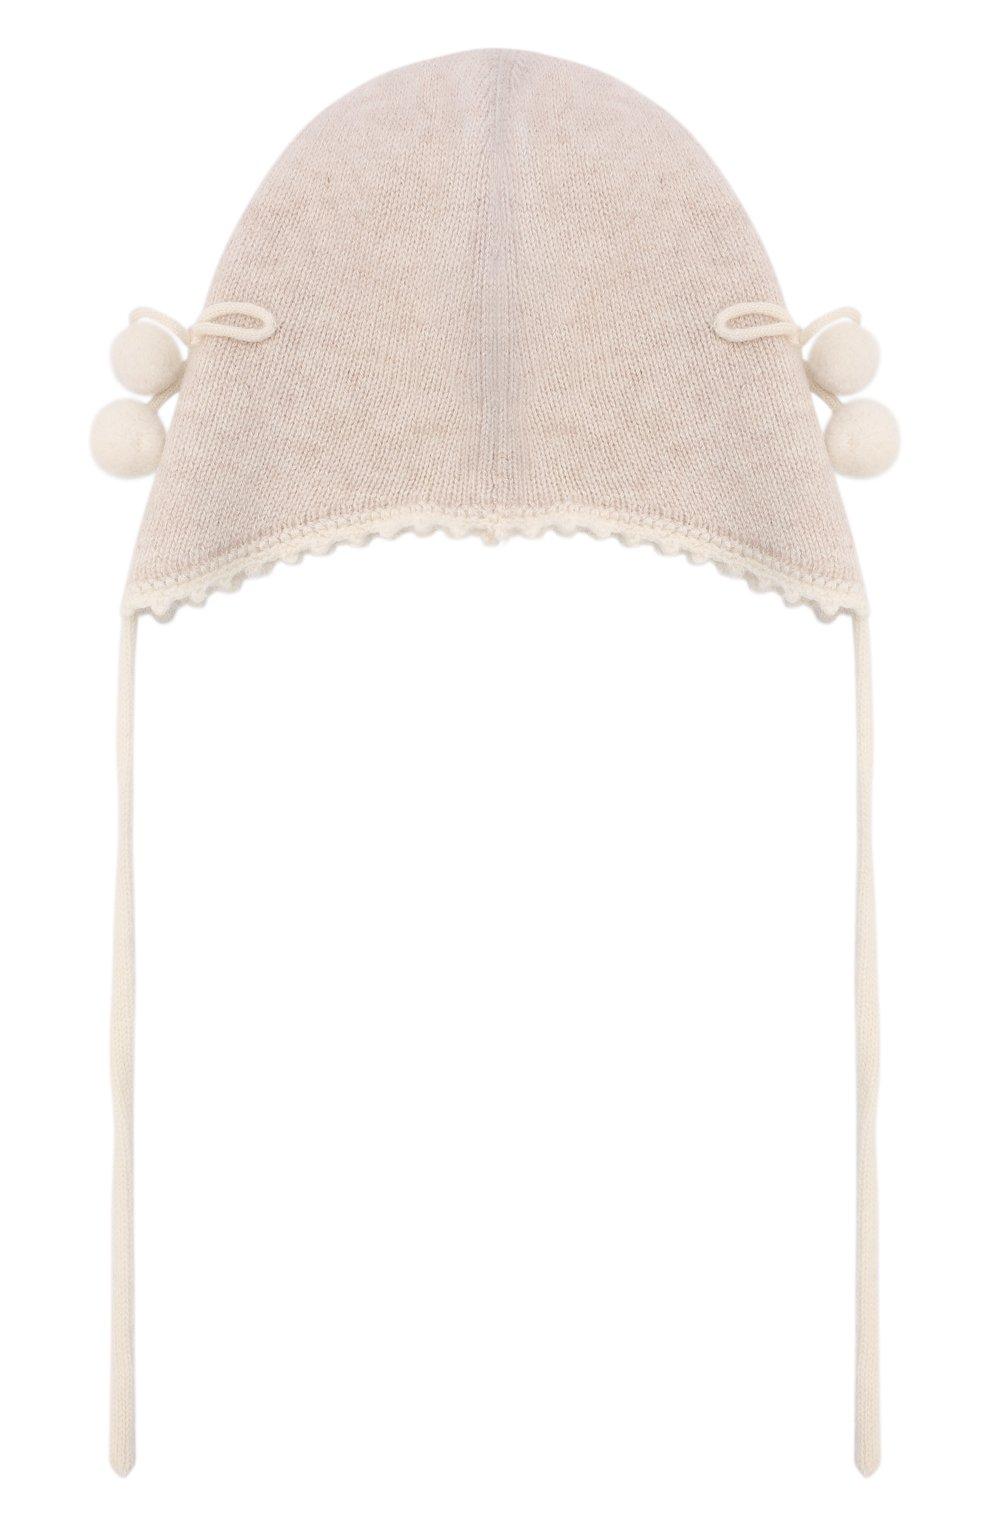 Детского кашемировая шапка OSCAR ET VALENTINE бежевого цвета, арт. BON04CHERRY | Фото 2 (Материал: Кашемир, Шерсть)